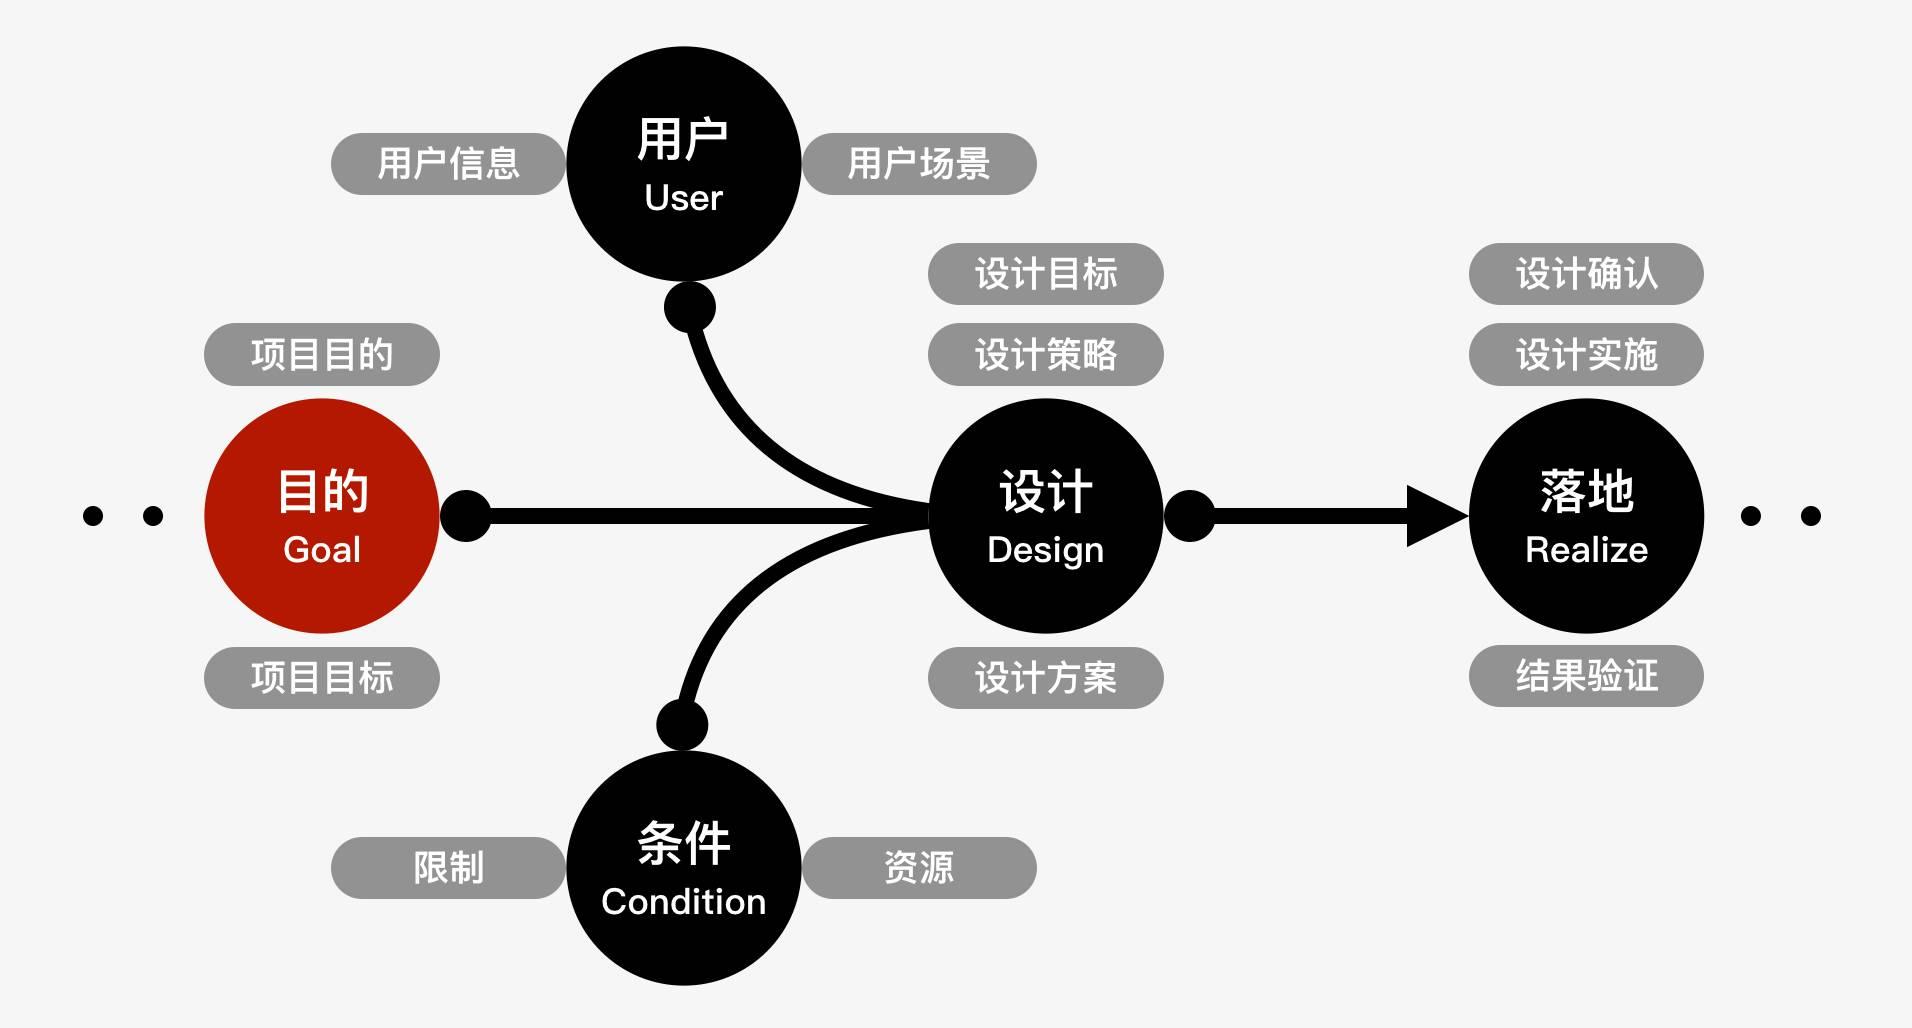 交互设计方法:GUCDR模型体系化的交互设计工具插图